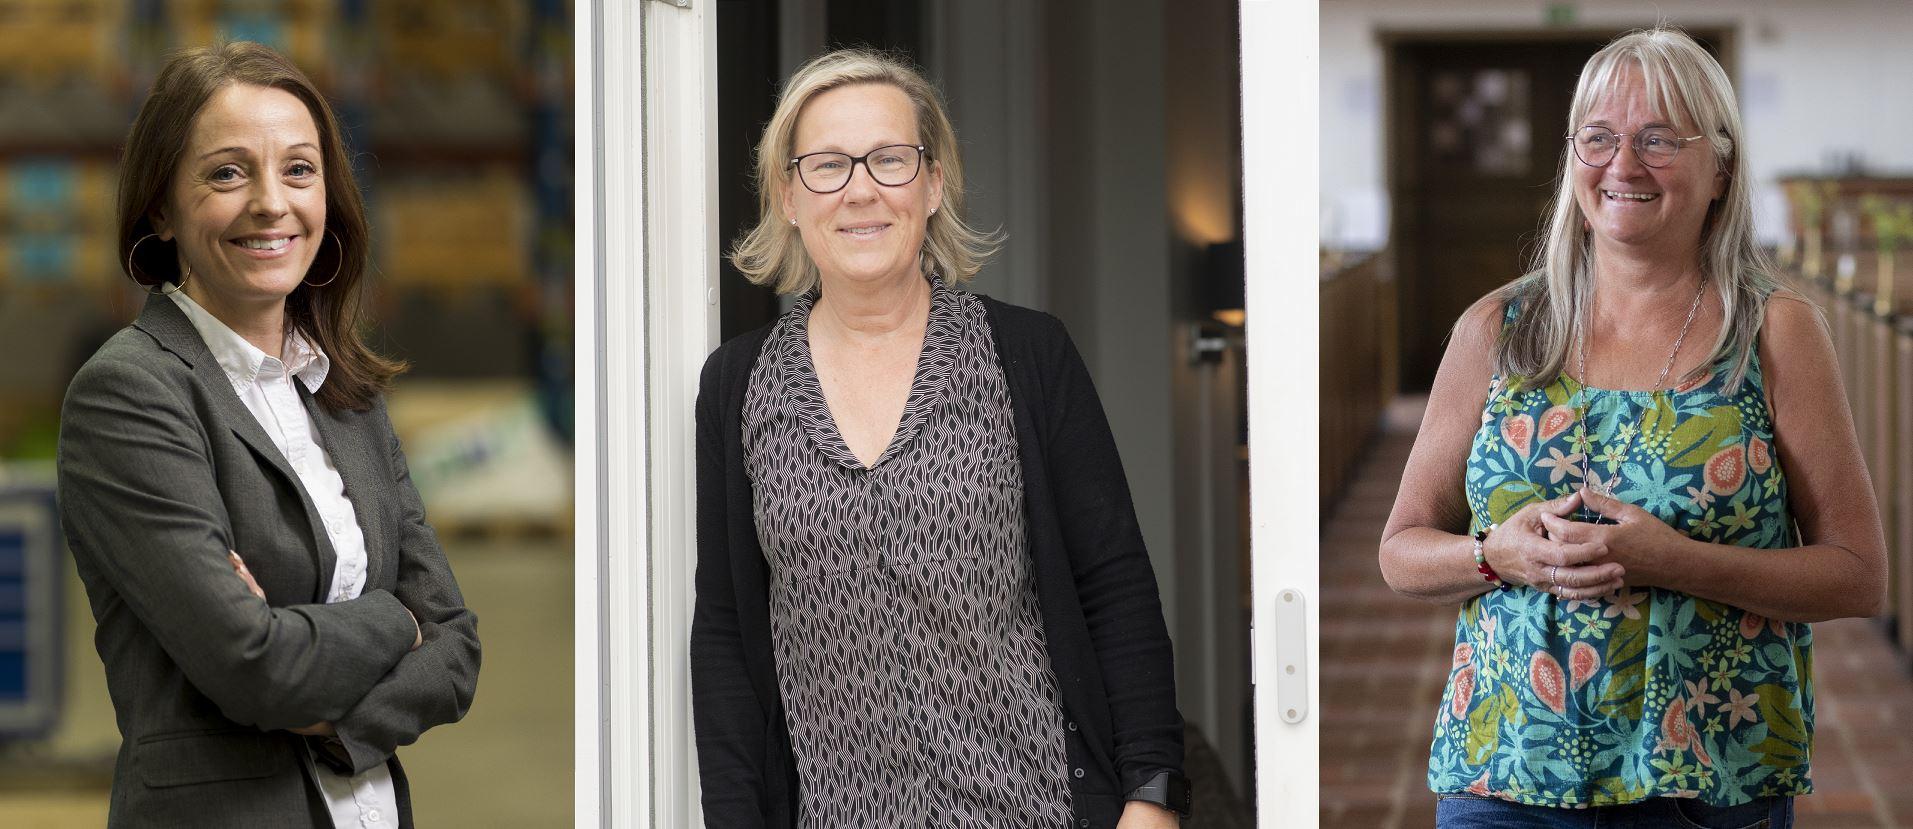 estniska kvinnor söker män i höganäs